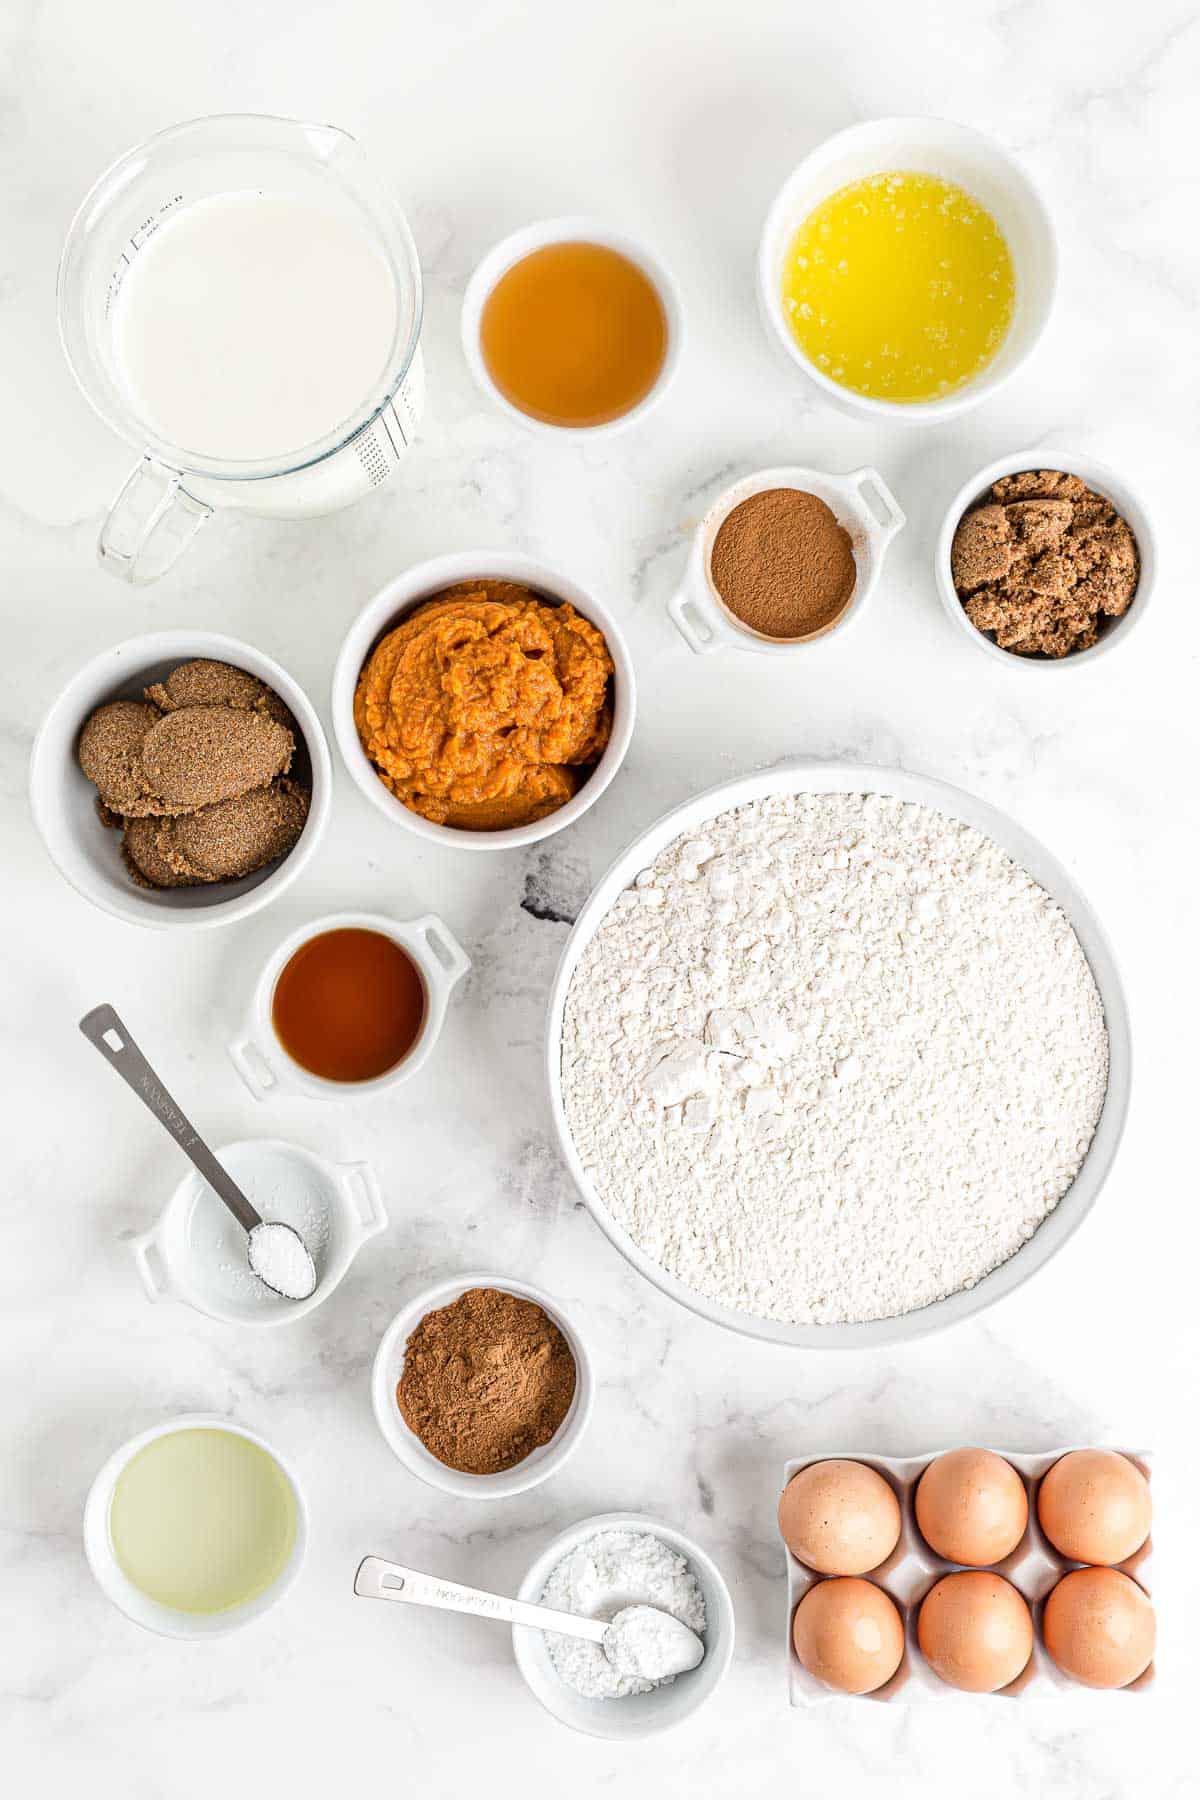 Ingredients for pumpkin sheet pan pancakes, on a white surface.